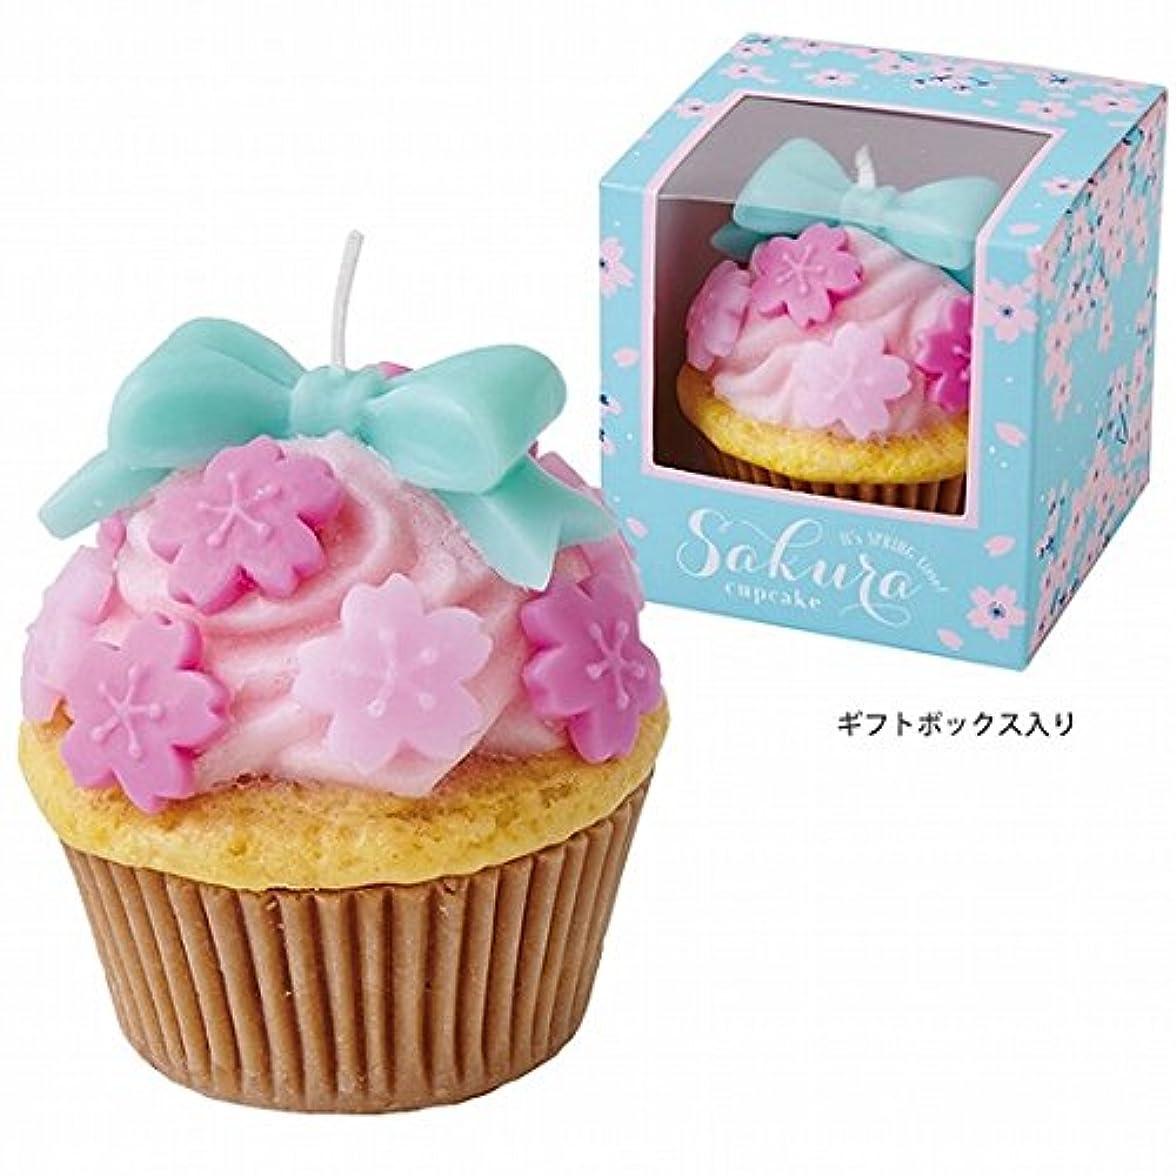 囲む真鍮教授カメヤマキャンドル( kameyama candle ) SAKURAカップケーキ キャンドル